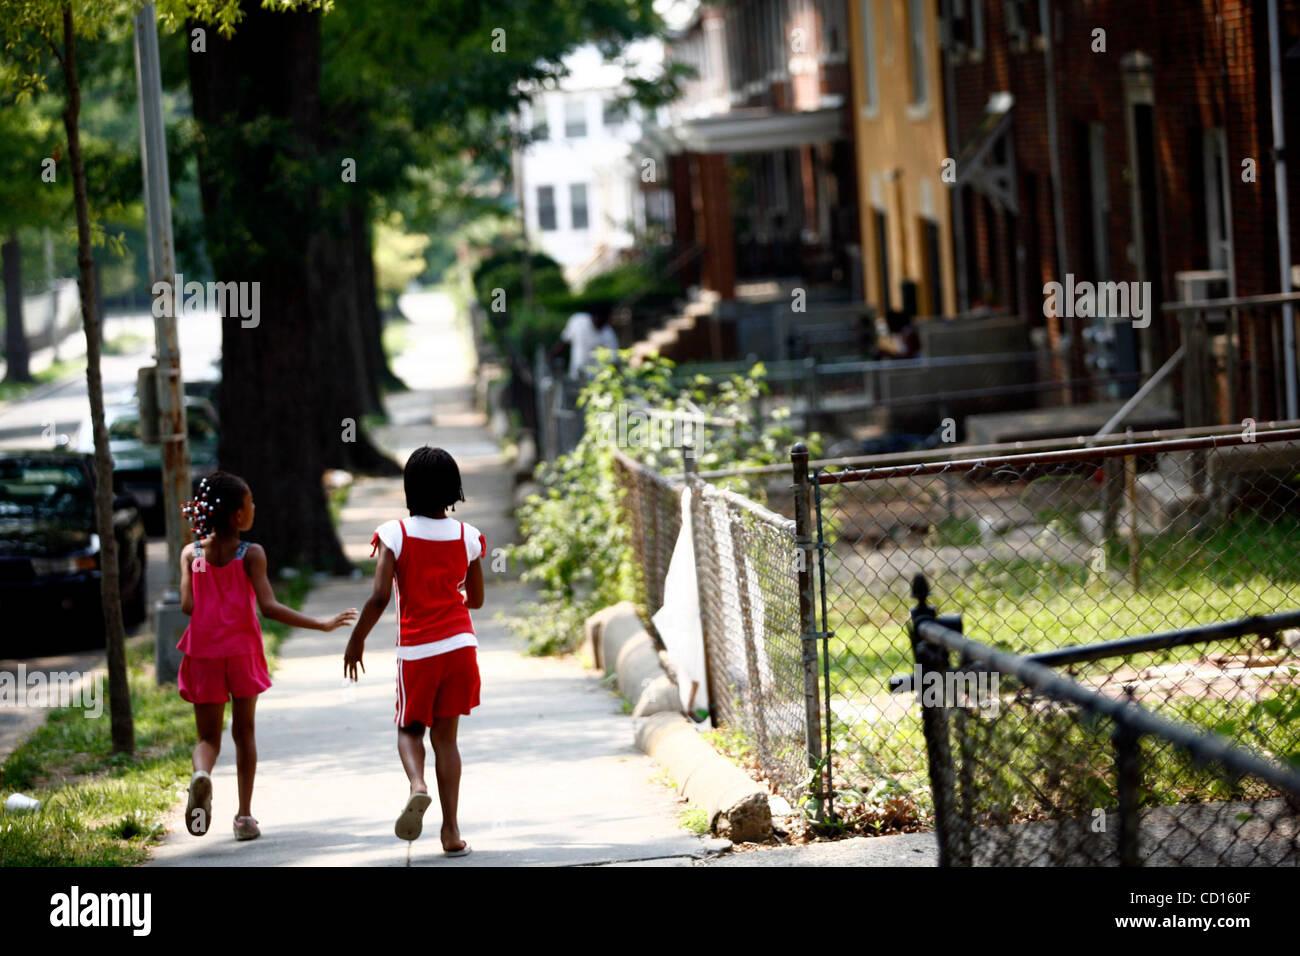 Giugno 13, 2008 - Distretto di Columbia, Stati Uniti - Migliori amici SHETANA RAJAH (sinistra), 8 e DEITRA GILBERT Immagini Stock